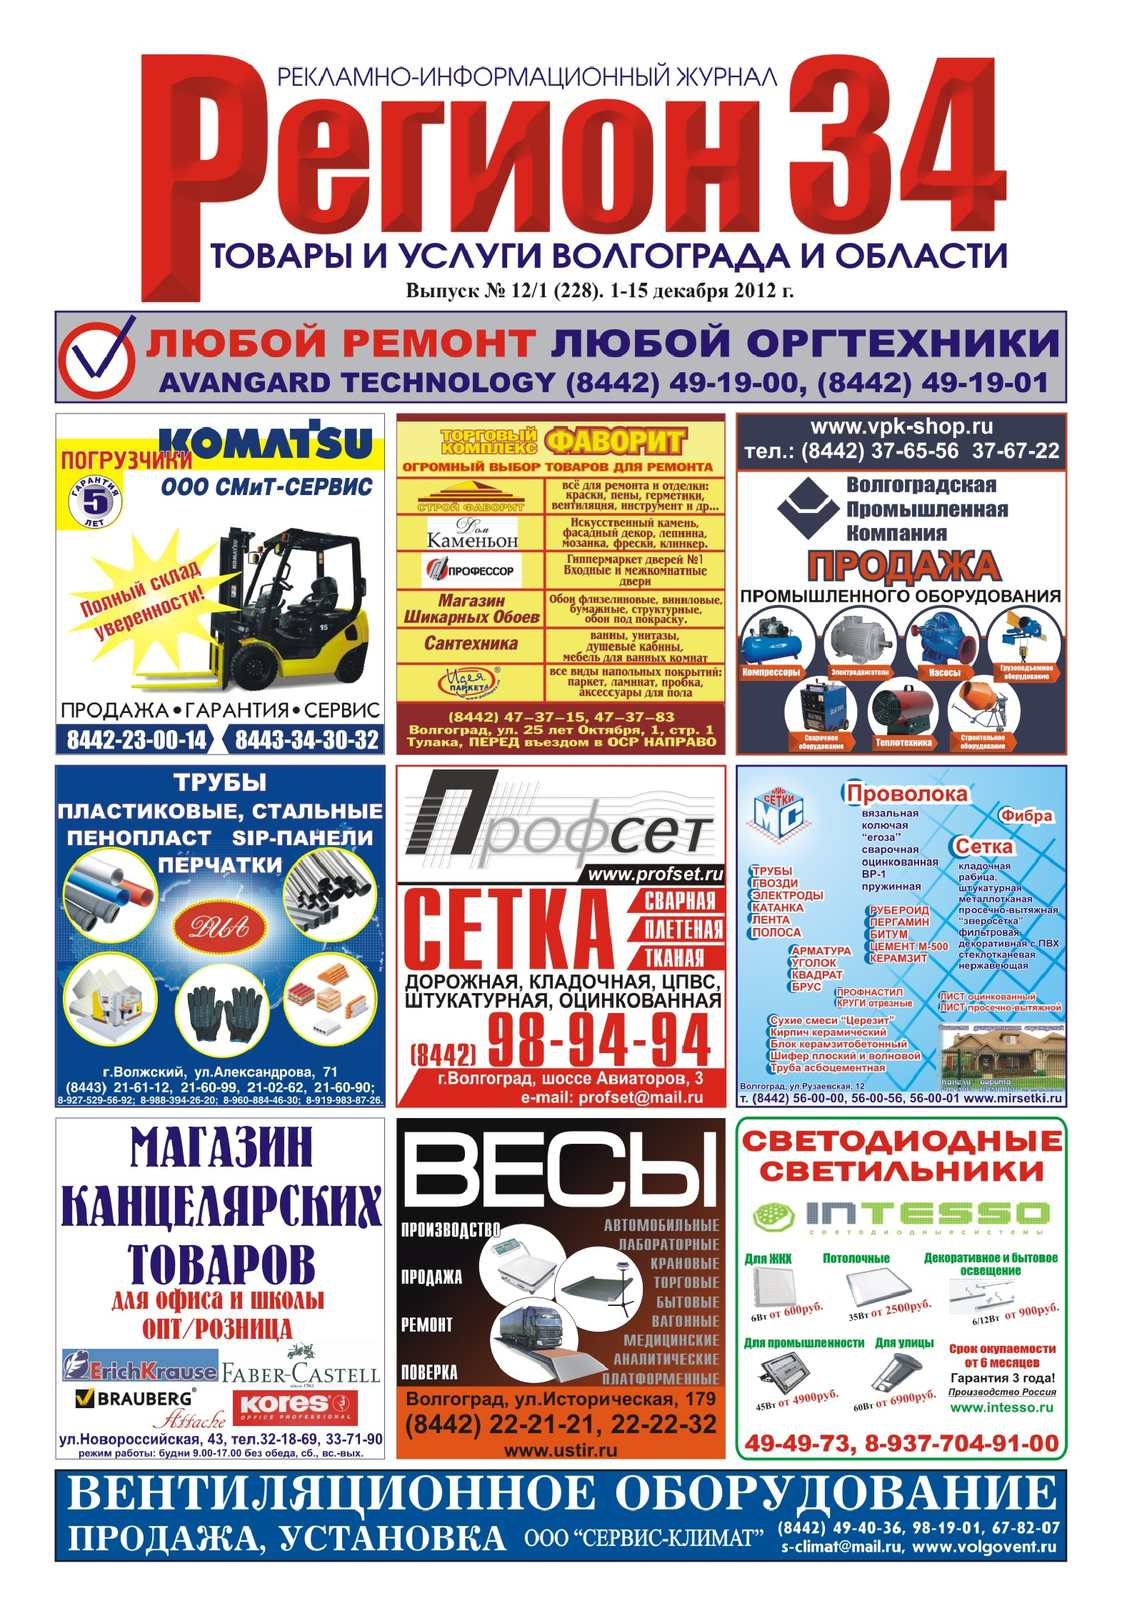 Медицинская справка для соревнований Электродная улица медицинская справка печати скачать